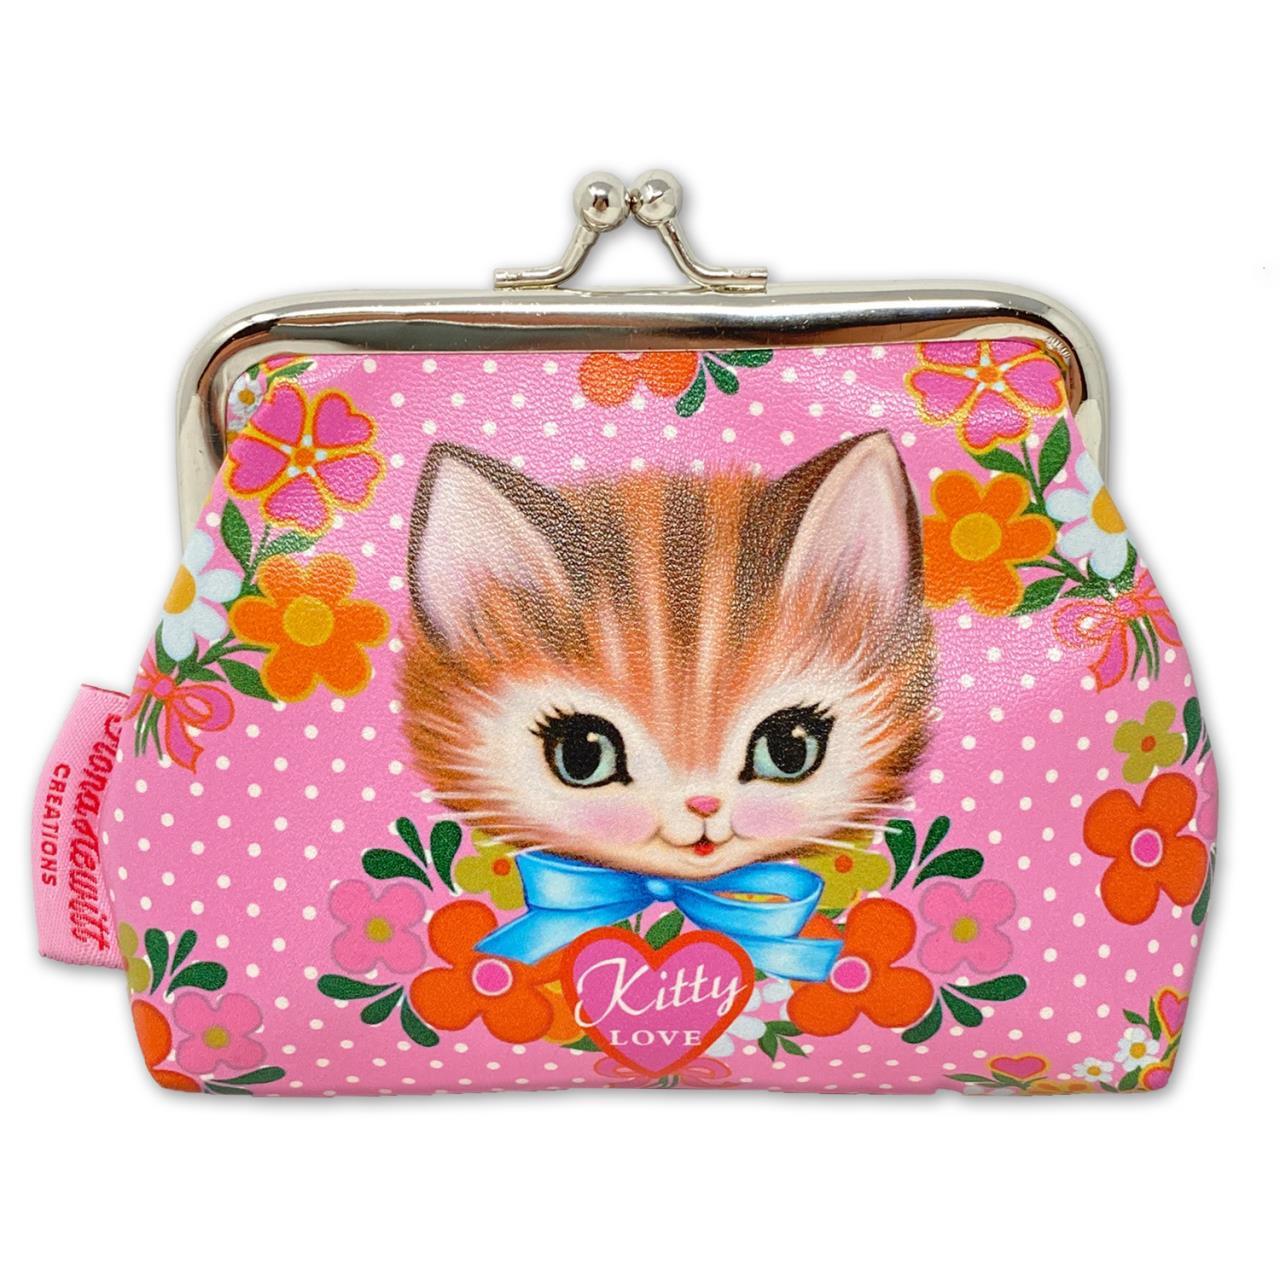 SugarLand Kitty Love Coin Purse* -